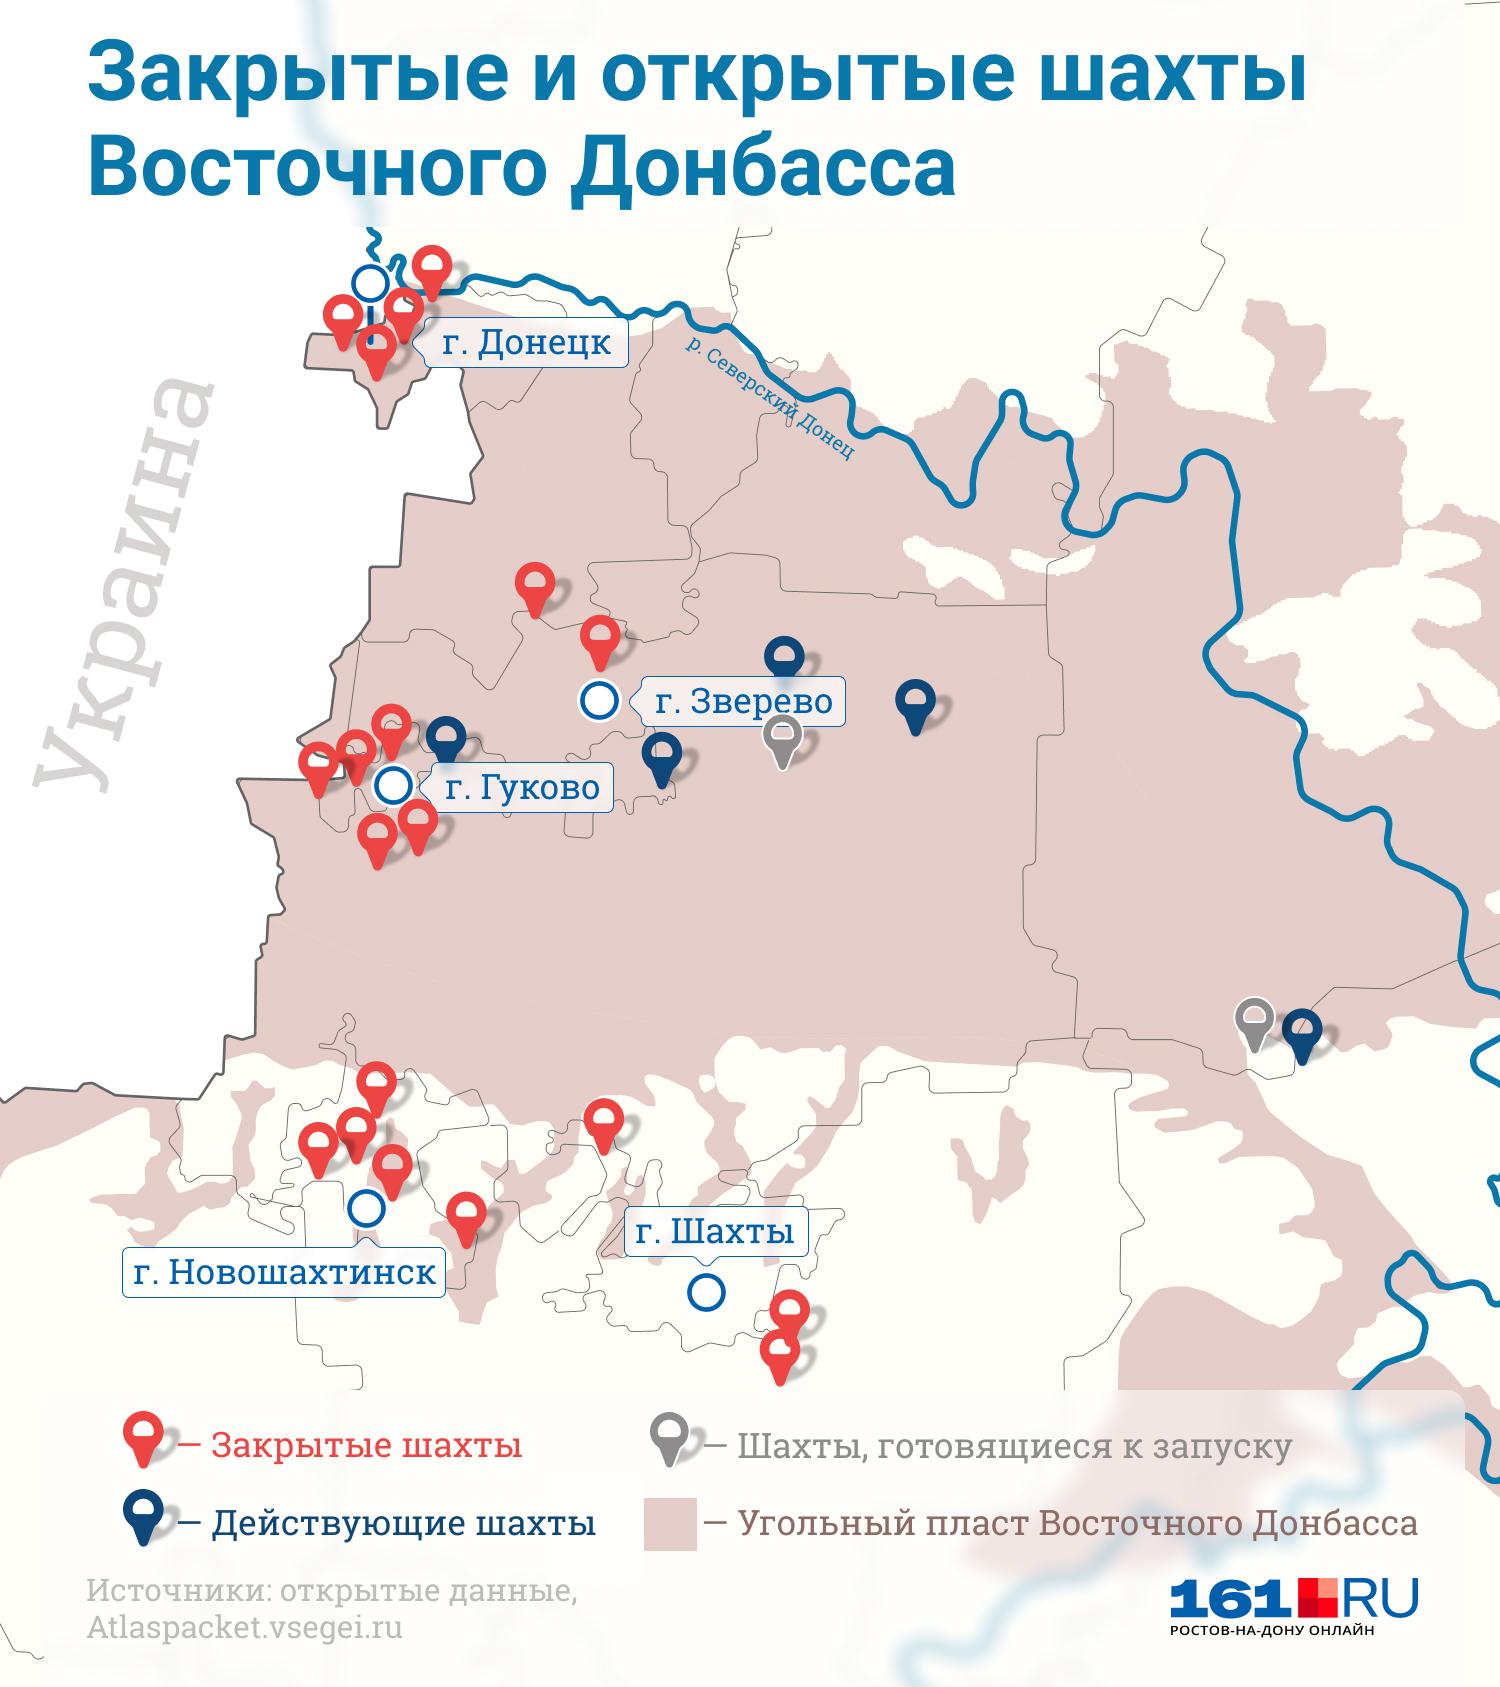 На карте представлены только некоторые закрытые шахты Восточного Донбасса, от многих других остались одни пустыри